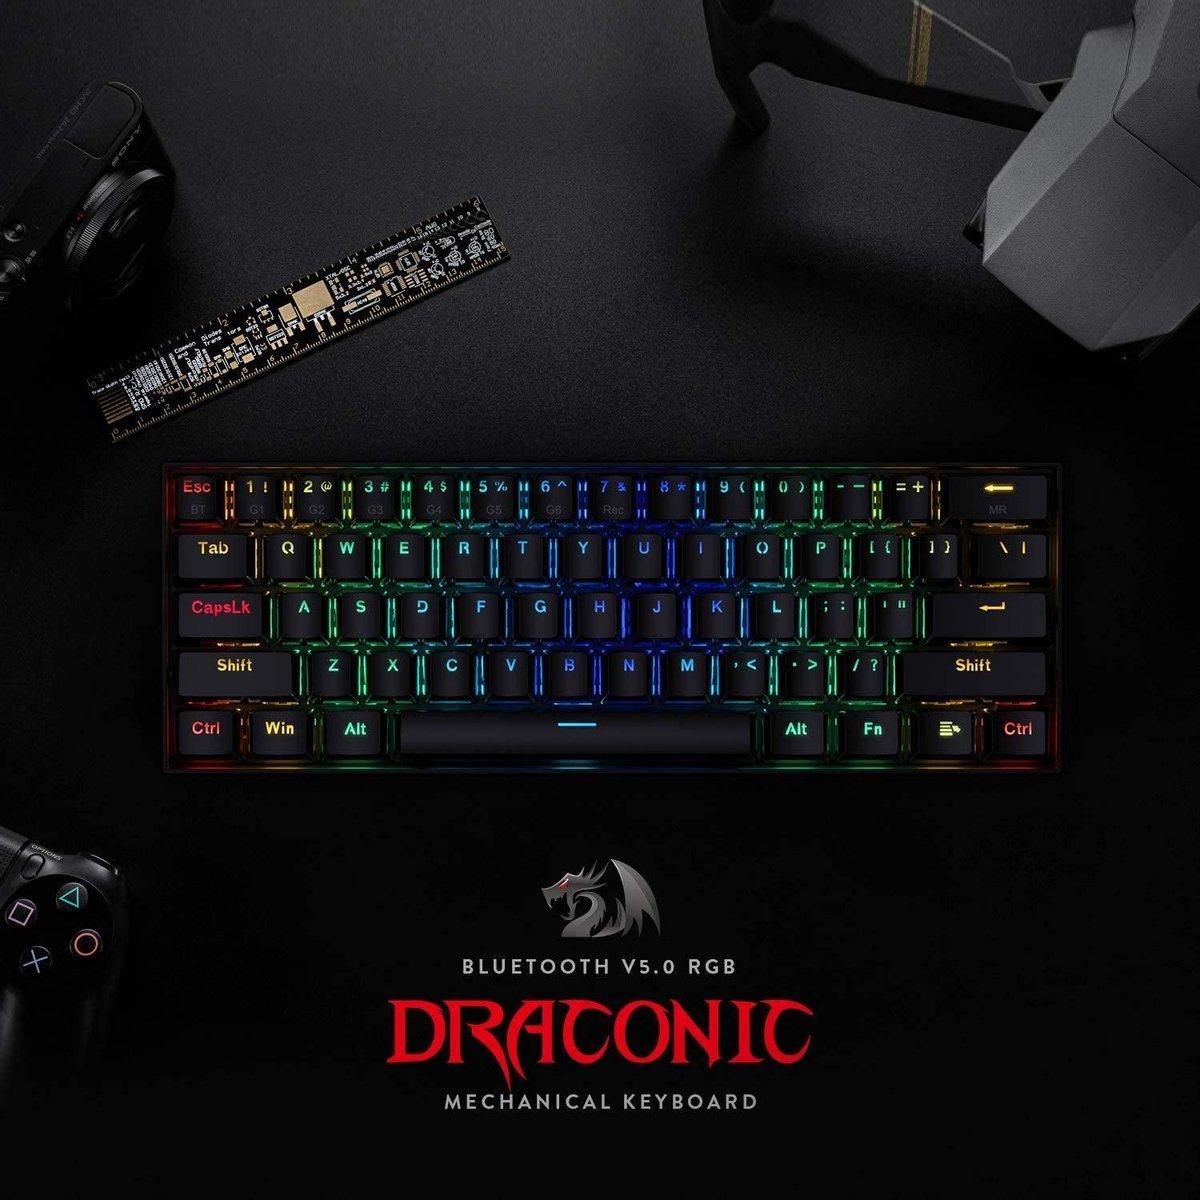 Redragon Draconic K530 RGB Draadloze mechanische Gaming toetsenbord | Brown switch | 60% gaming keyboard 61 toetsen – Bluetooth 5.0 toetsenbord – Compacte toetstenbord | Gaming PC